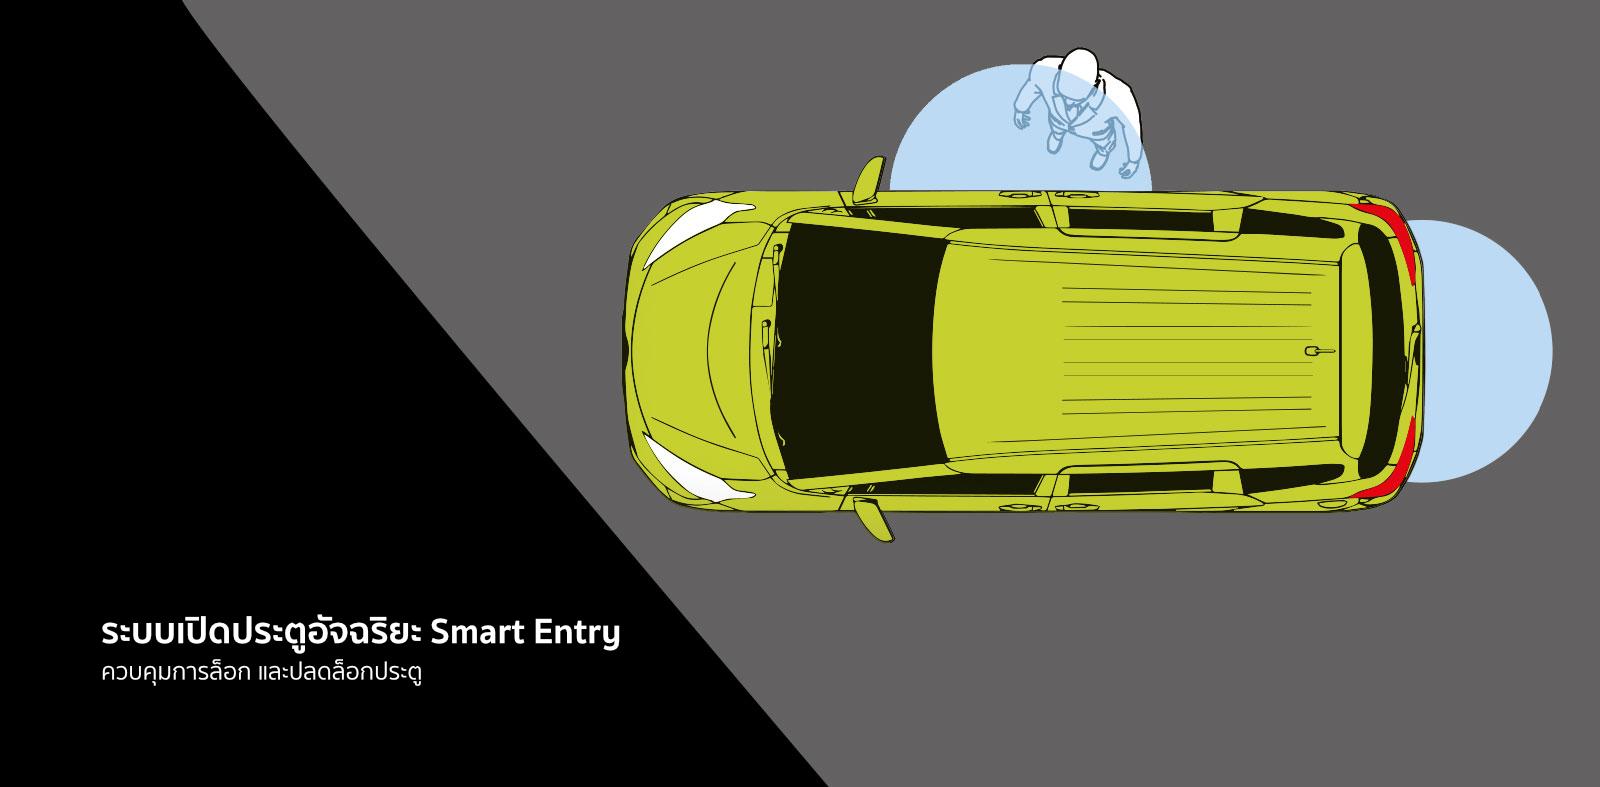 ระบบเปิดประตูอัจฉริยะ Smart Entryควบคุมการล็อก และปลดล็อกประตู